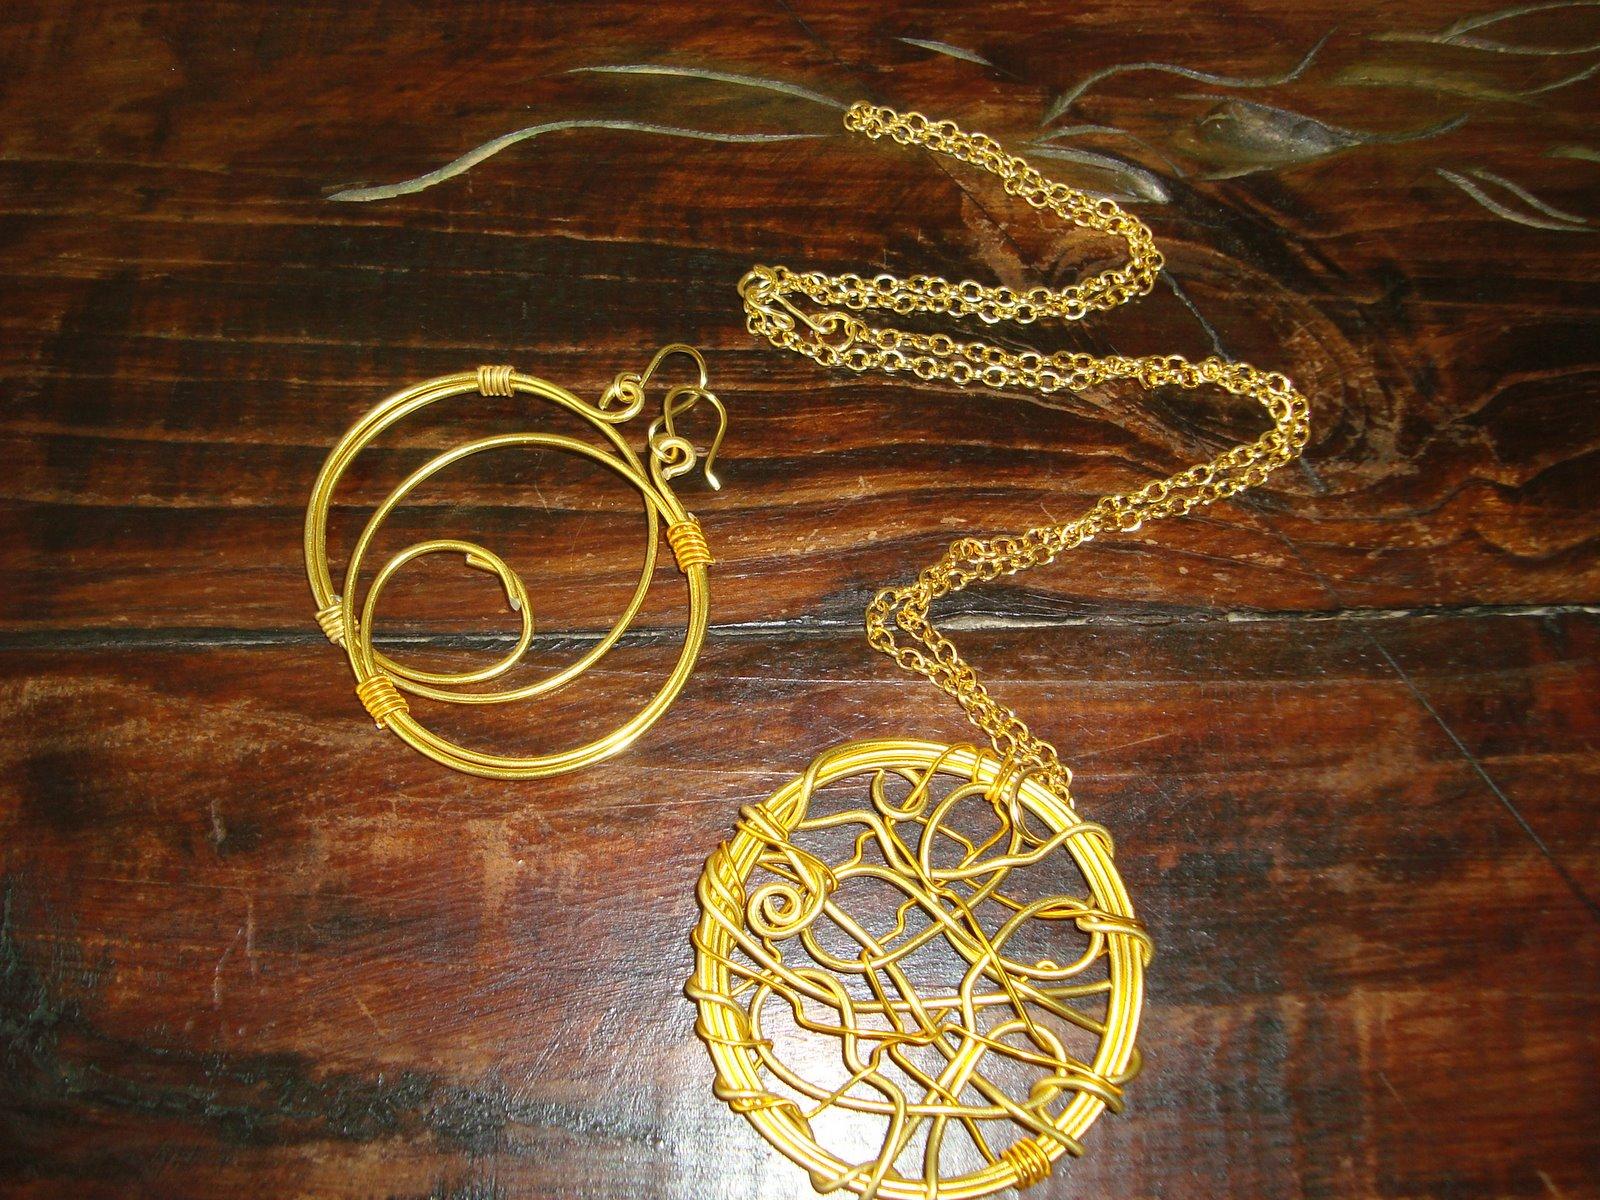 Enma Nava Accesorios Femeninos: Medallones en Alambre